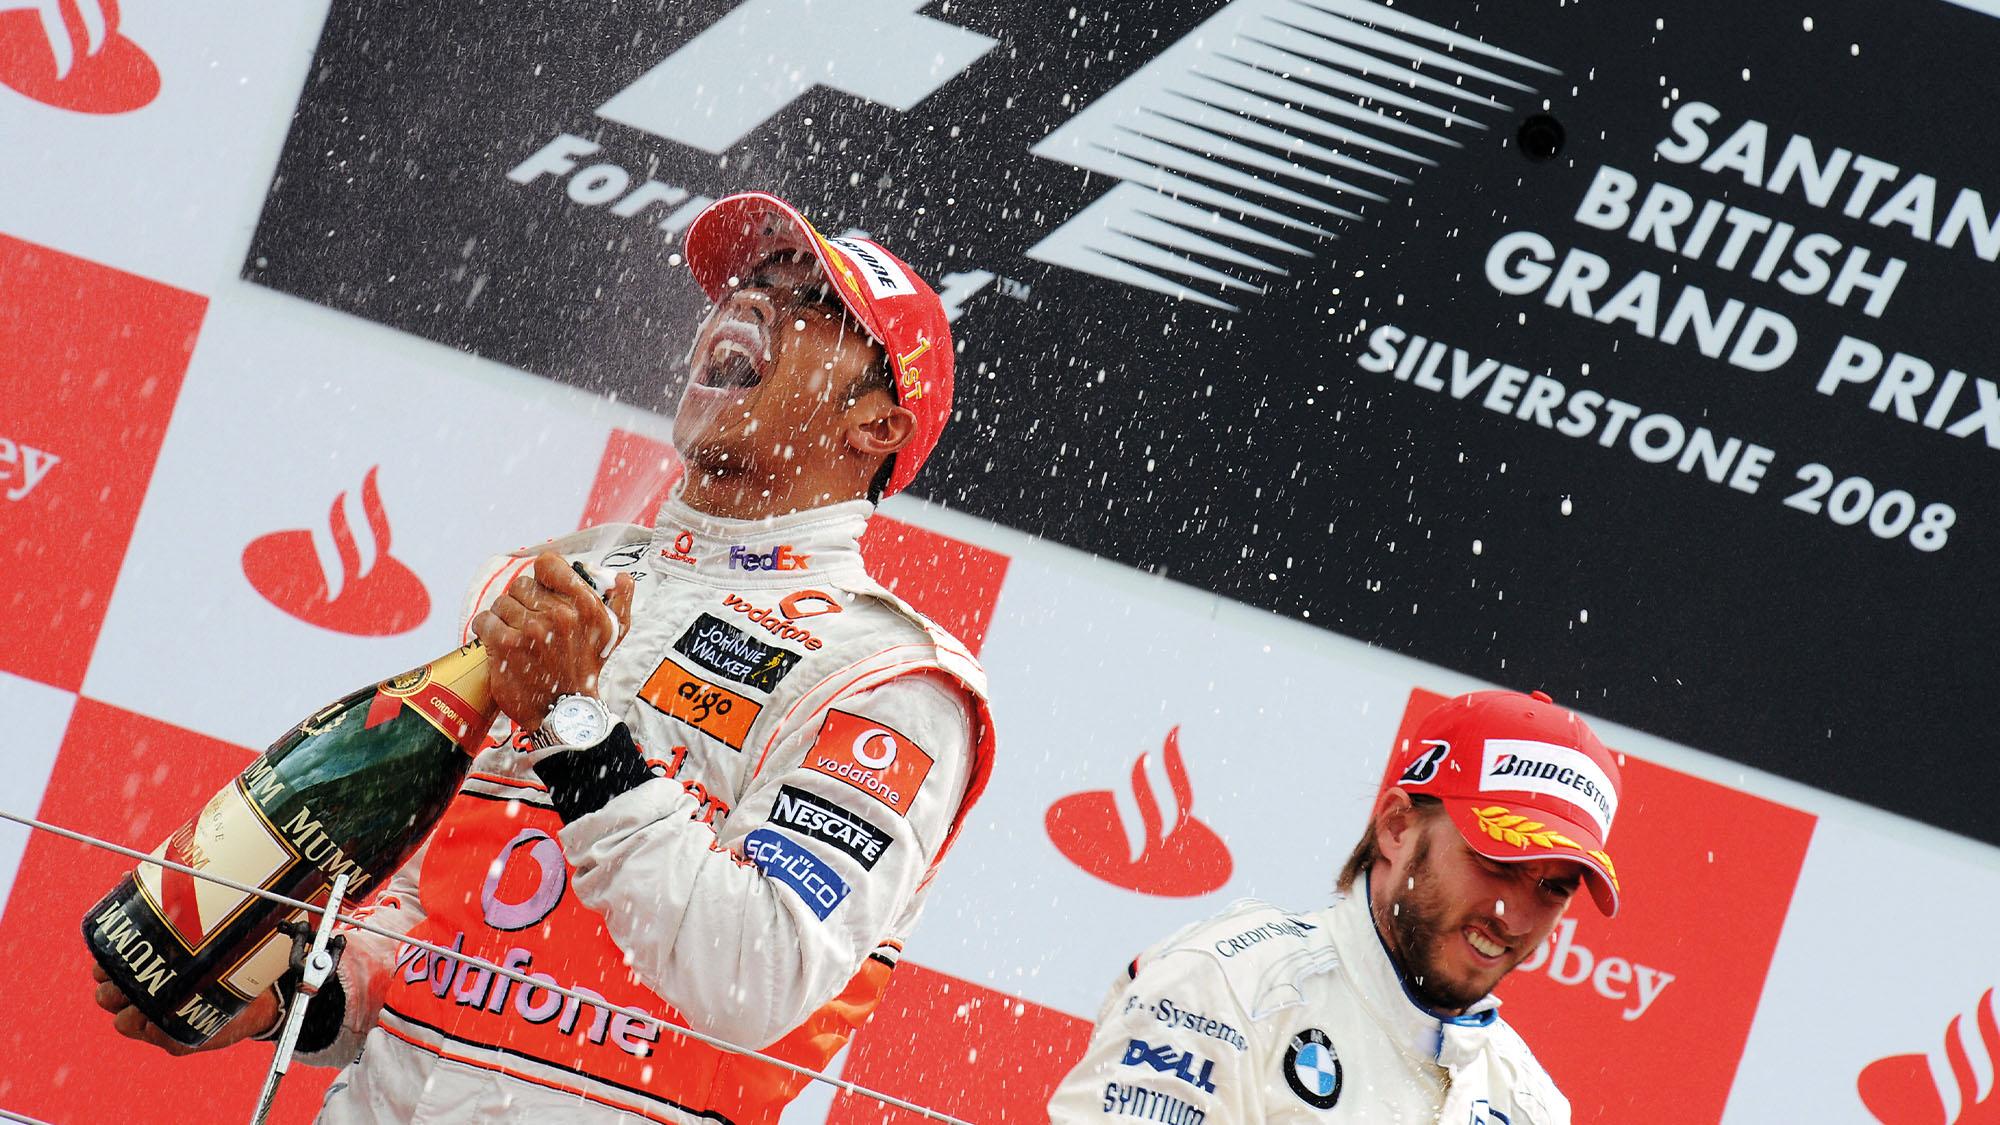 Lewis Hamilton 2008 British Grand Prix